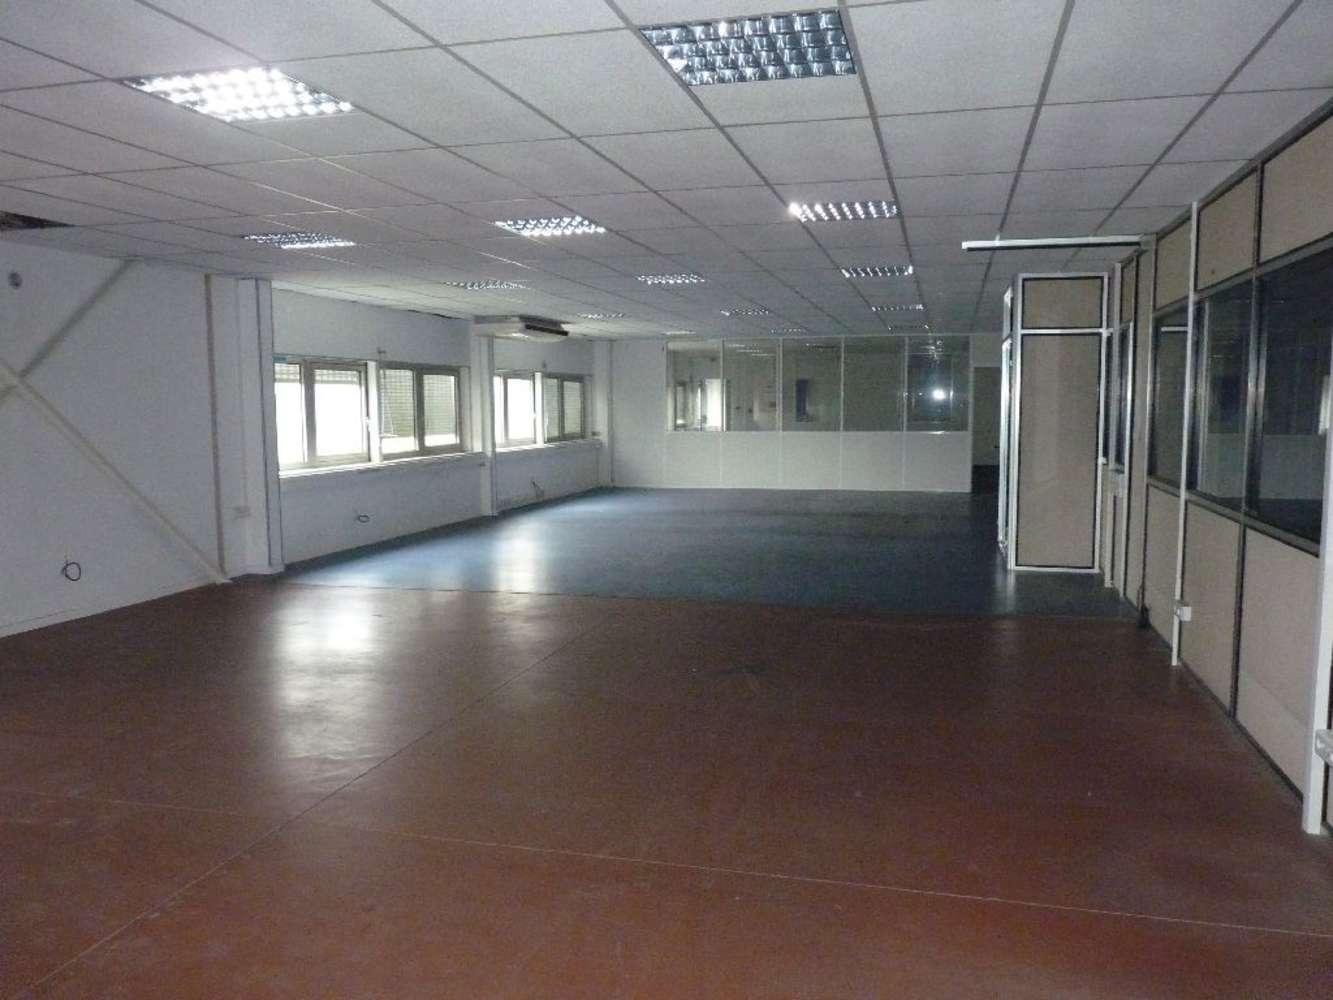 Activités/entrepôt Caluire et cuire, 69300 - Location locaux d'activité Lyon Nord - 9921220